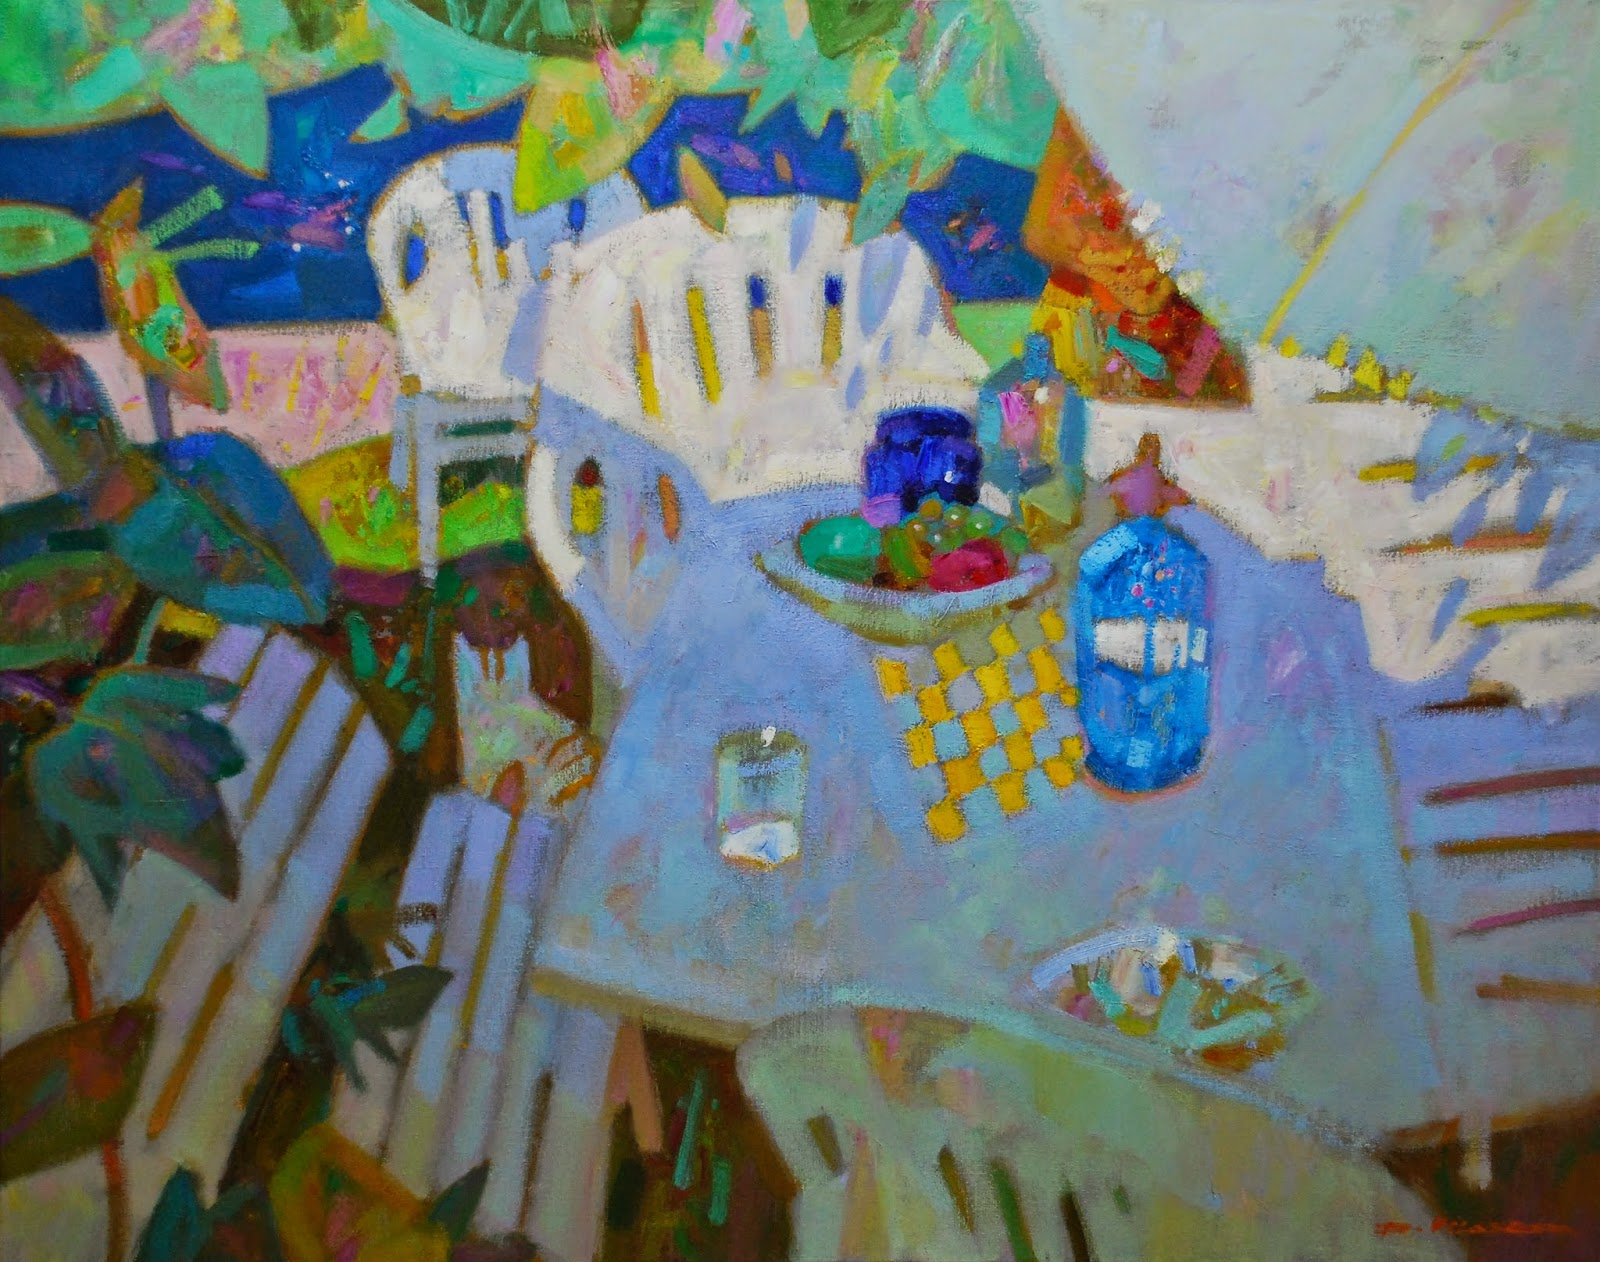 Isidre vilaseca i coll pintor rac de pati amb piscina - Piscinas vilaseca ...